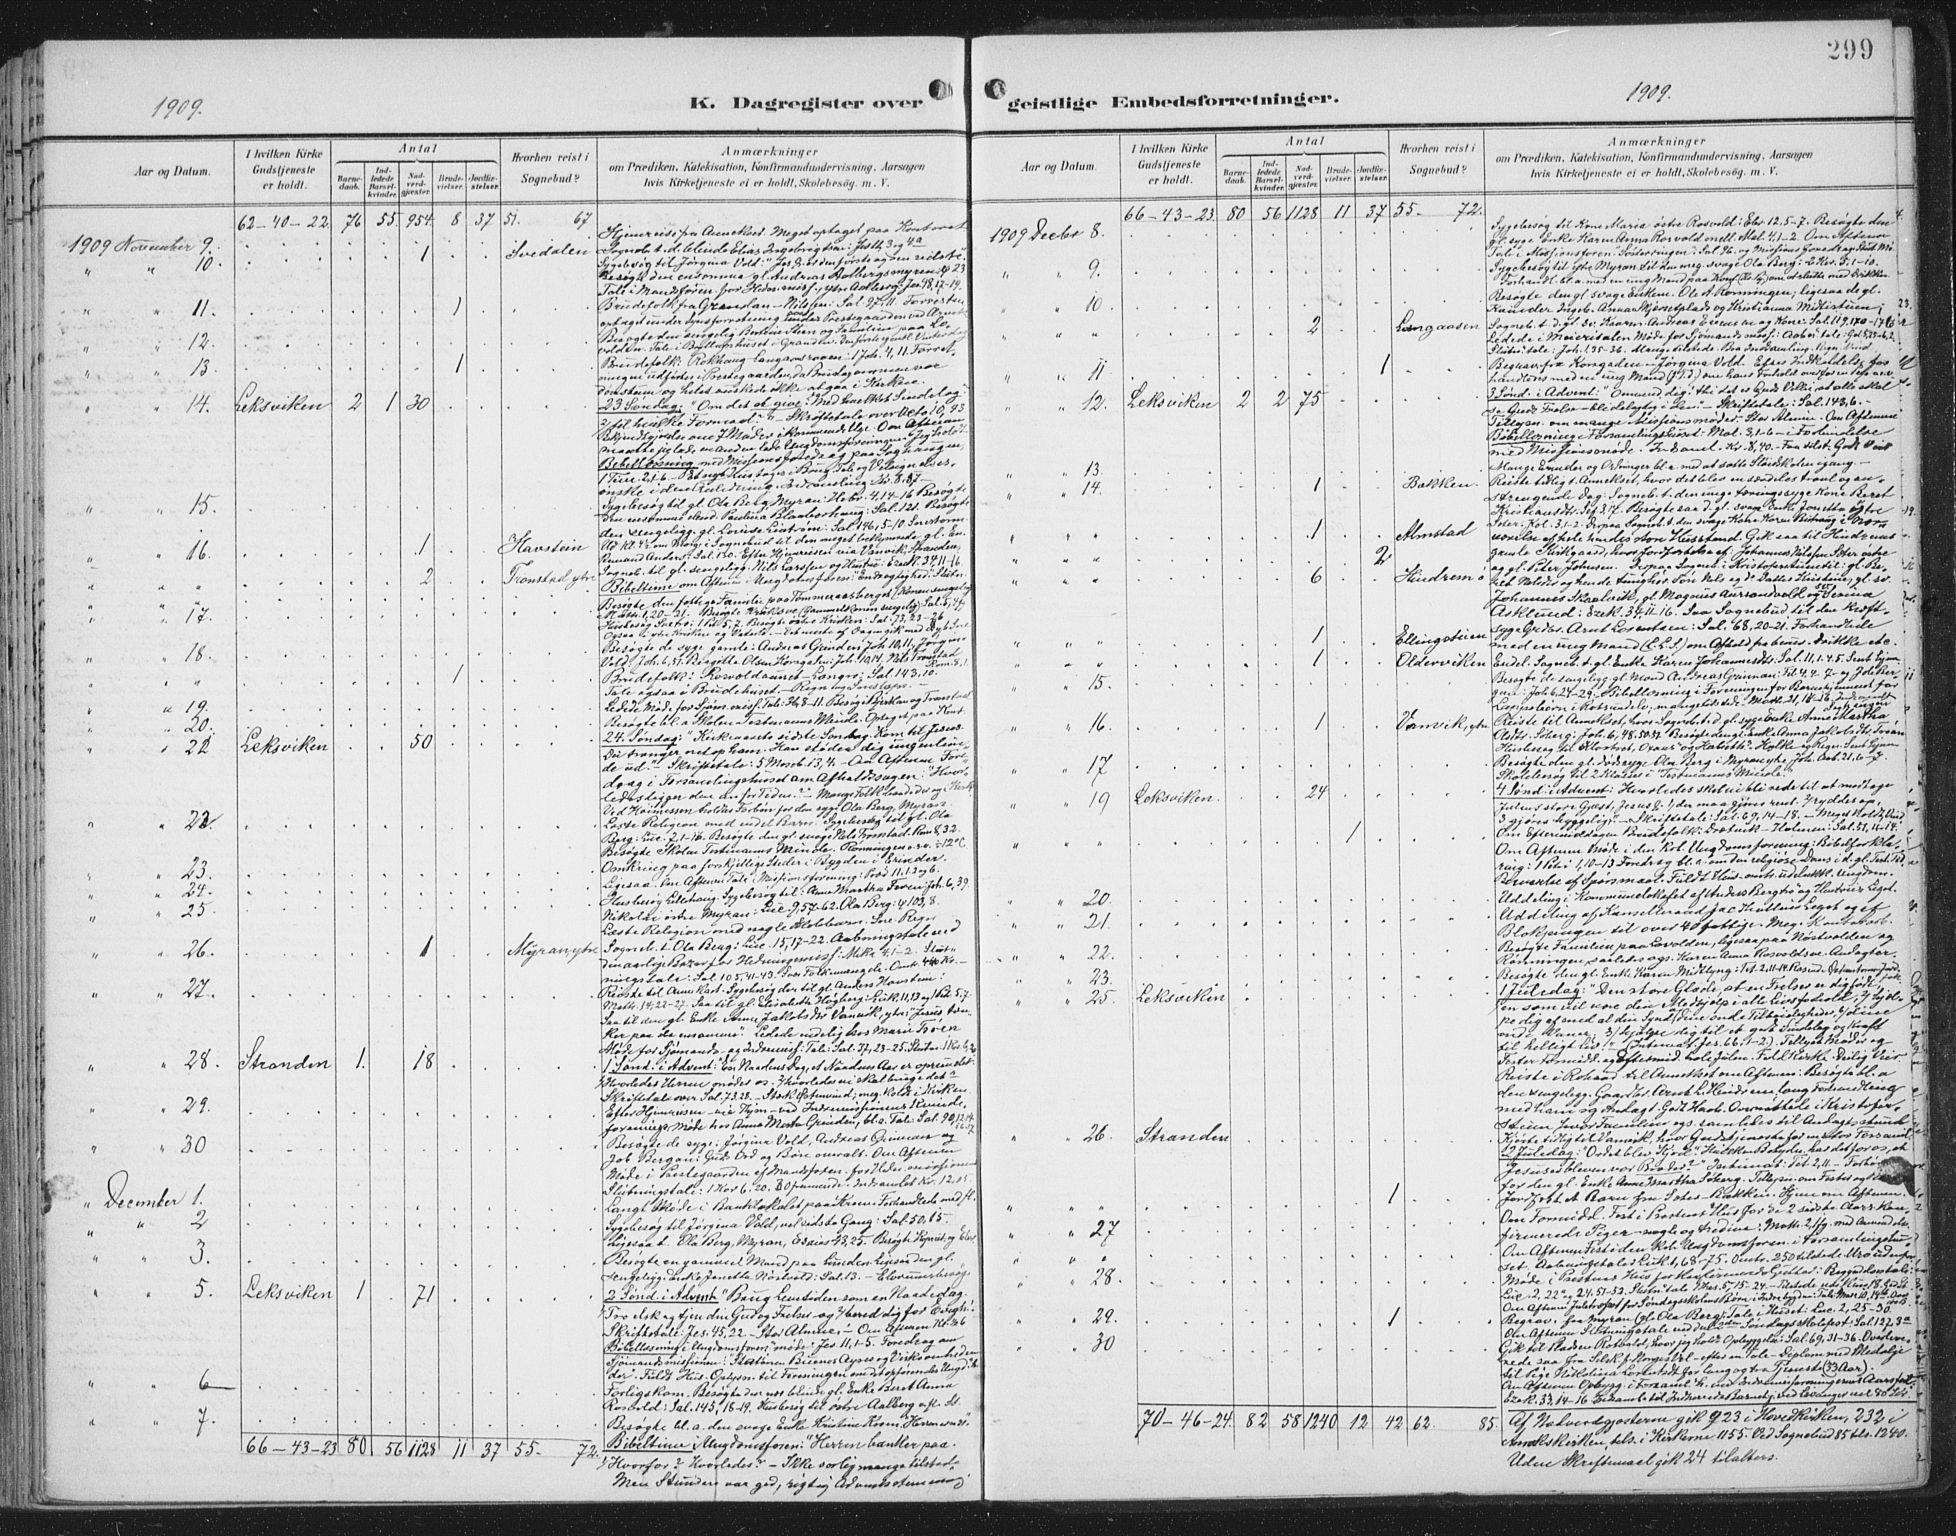 SAT, Ministerialprotokoller, klokkerbøker og fødselsregistre - Nord-Trøndelag, 701/L0011: Ministerialbok nr. 701A11, 1899-1915, s. 299